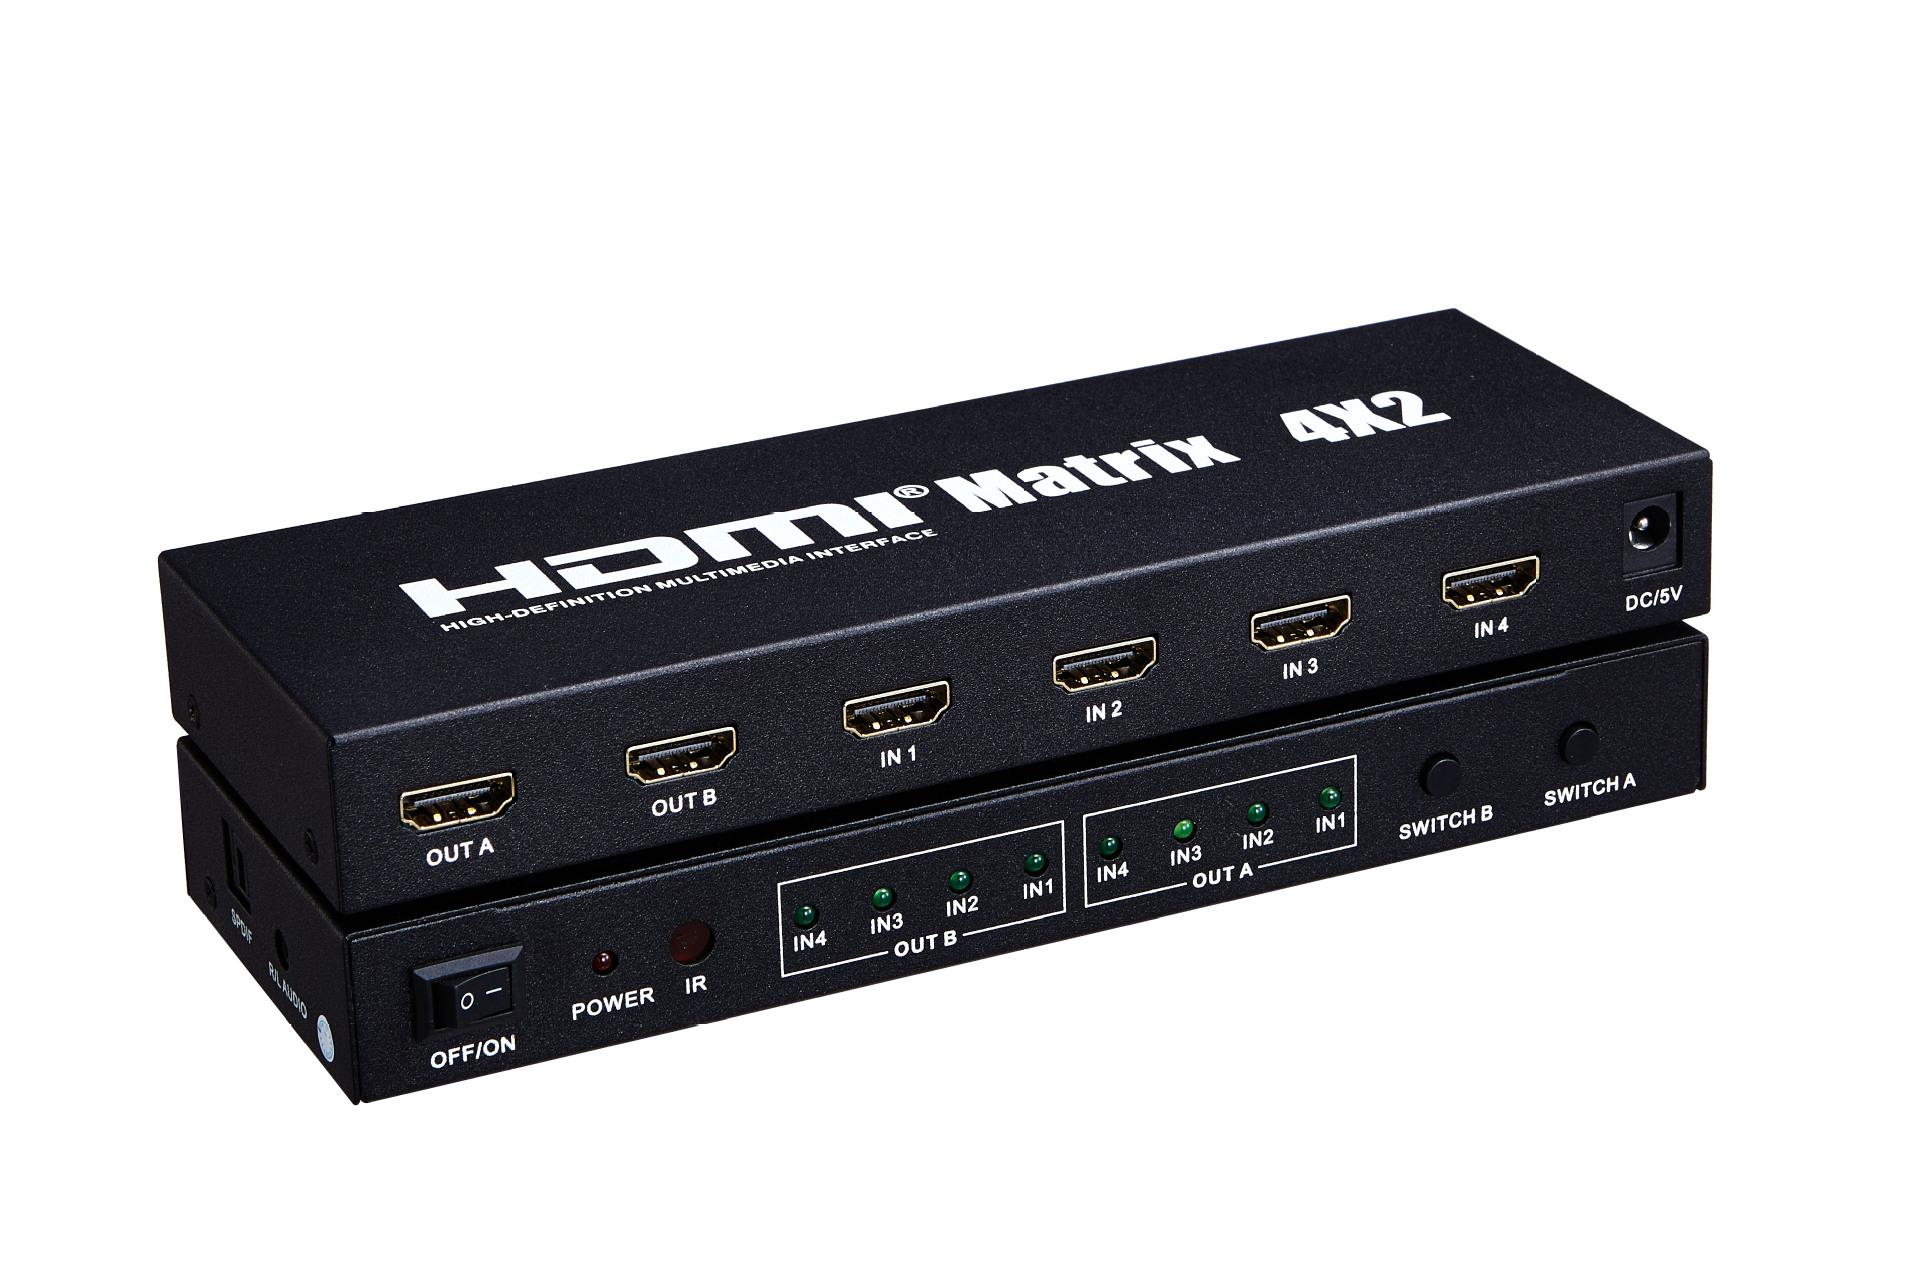 厂家直销hdmi高清视频矩阵四进二出带音频输入 切换矩阵